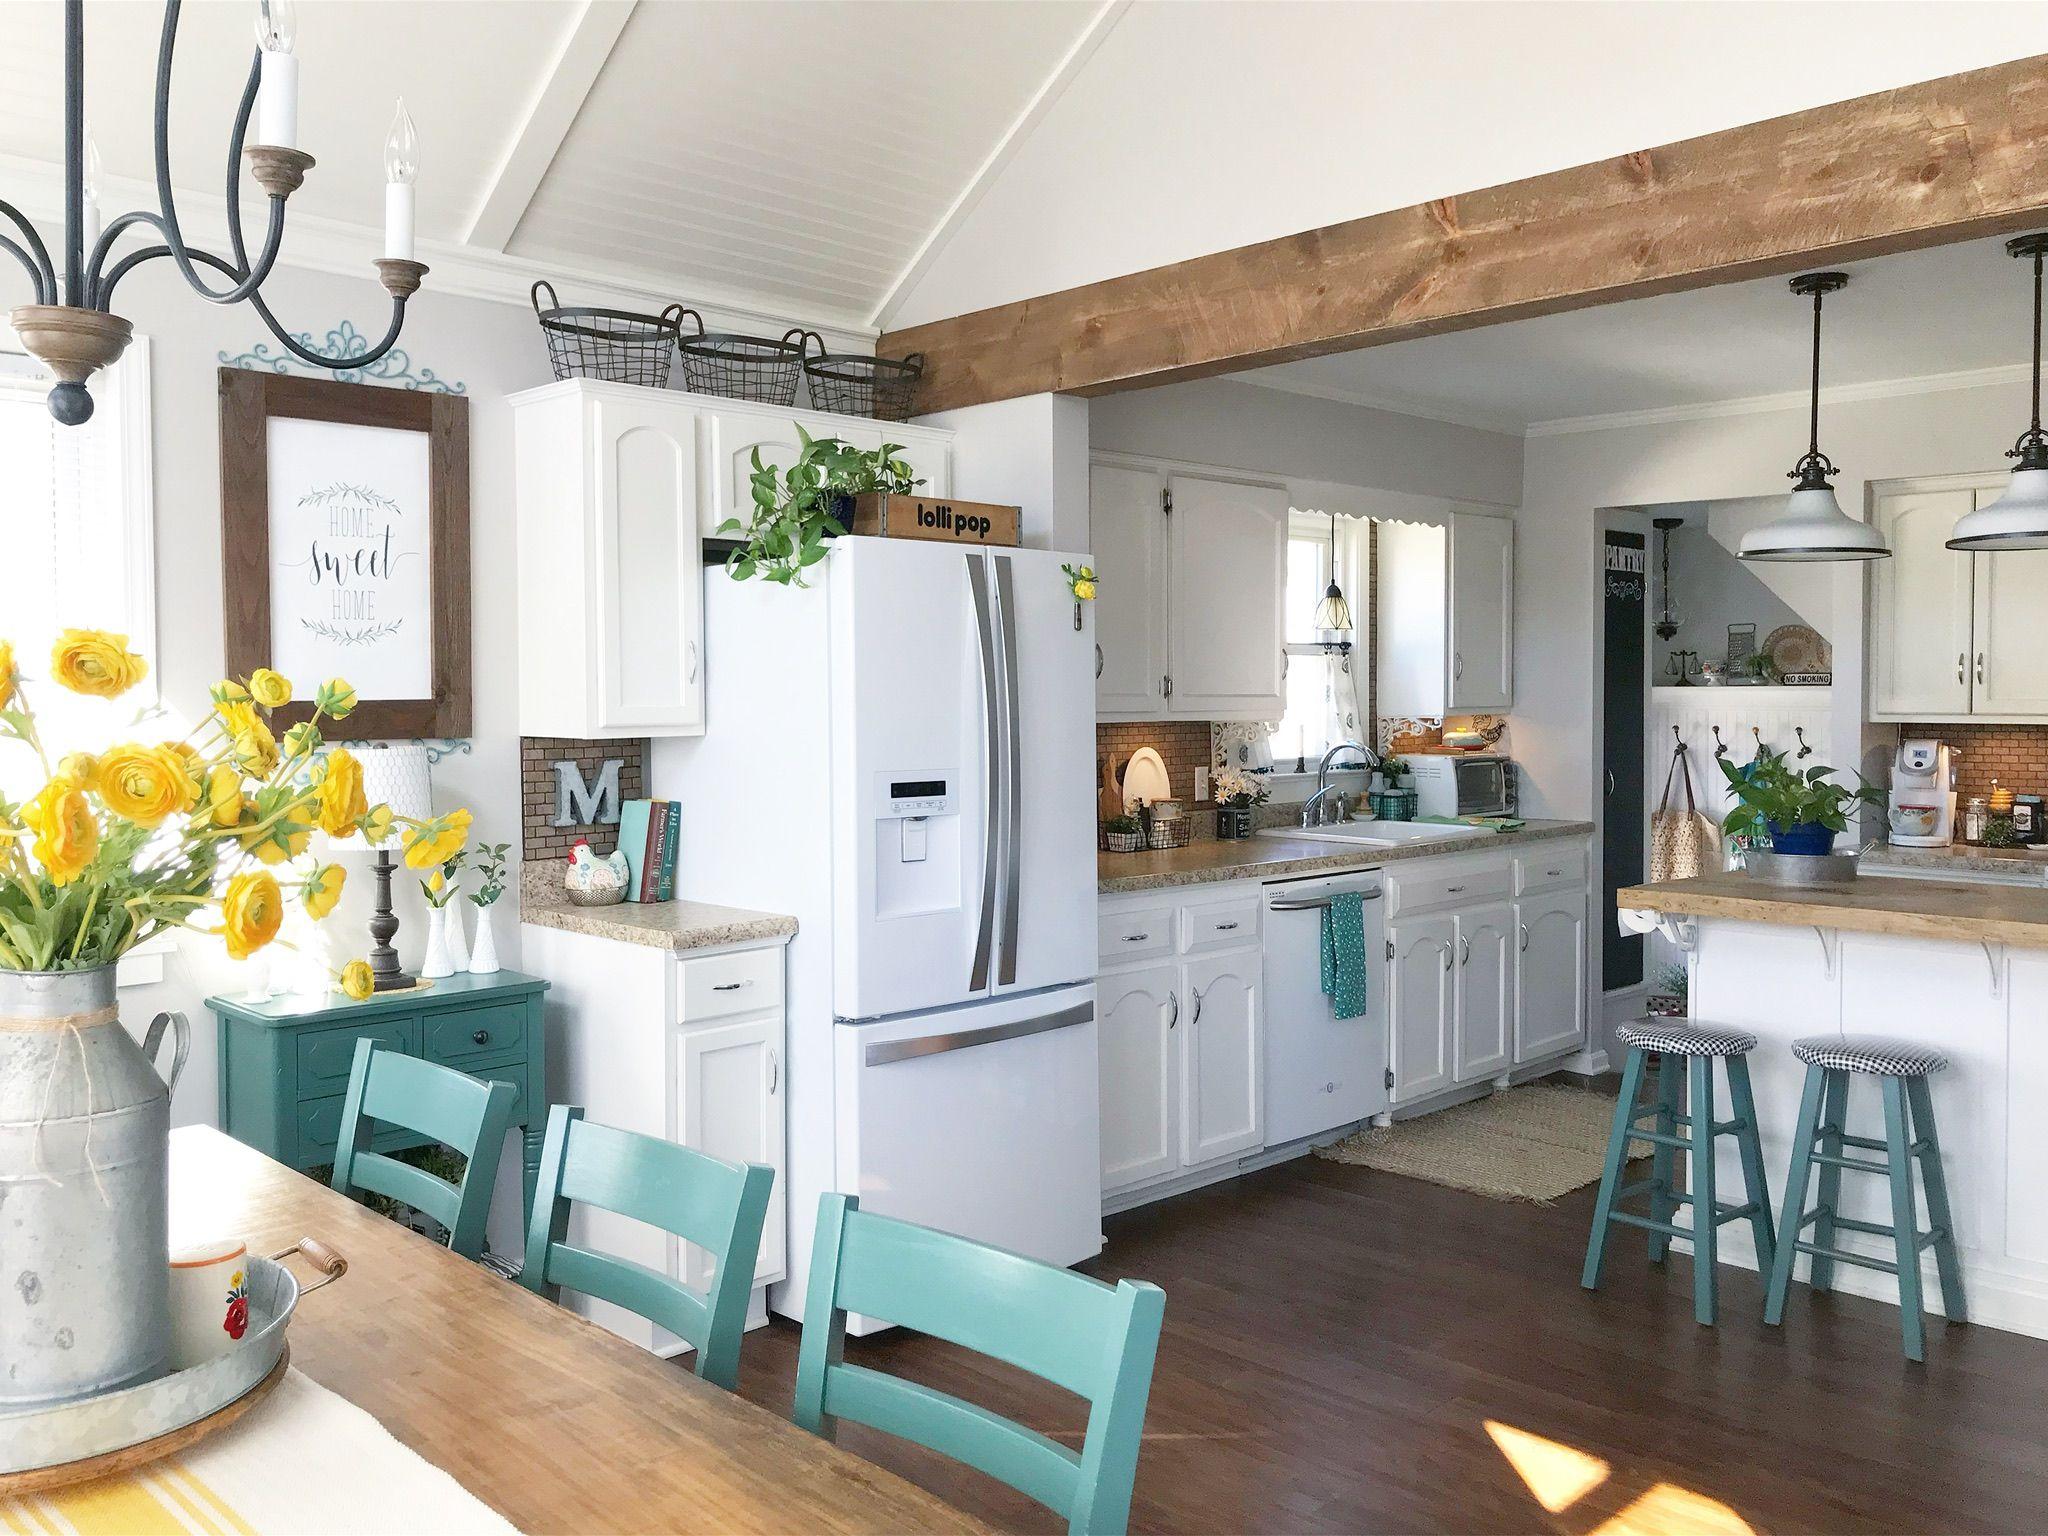 Pin by Terri Menke on Kitchens Coastal kitchen decor